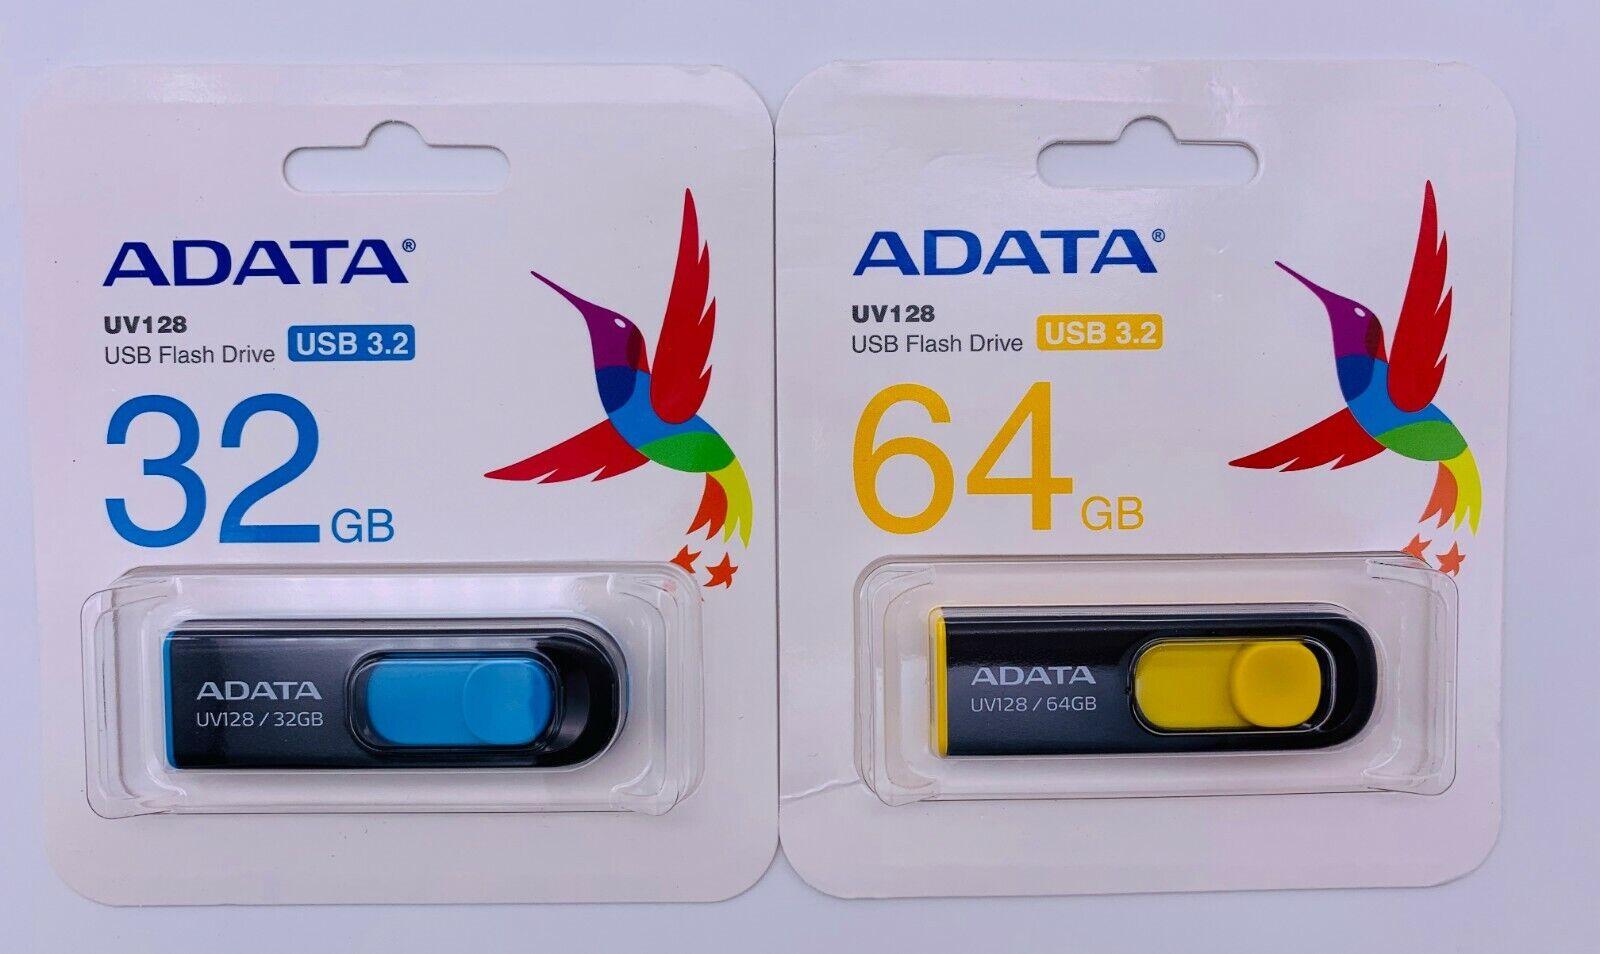 ADATA USB Flash Drive UV128 USB 3.2 3.0 2.0 Thumb Stick Pen